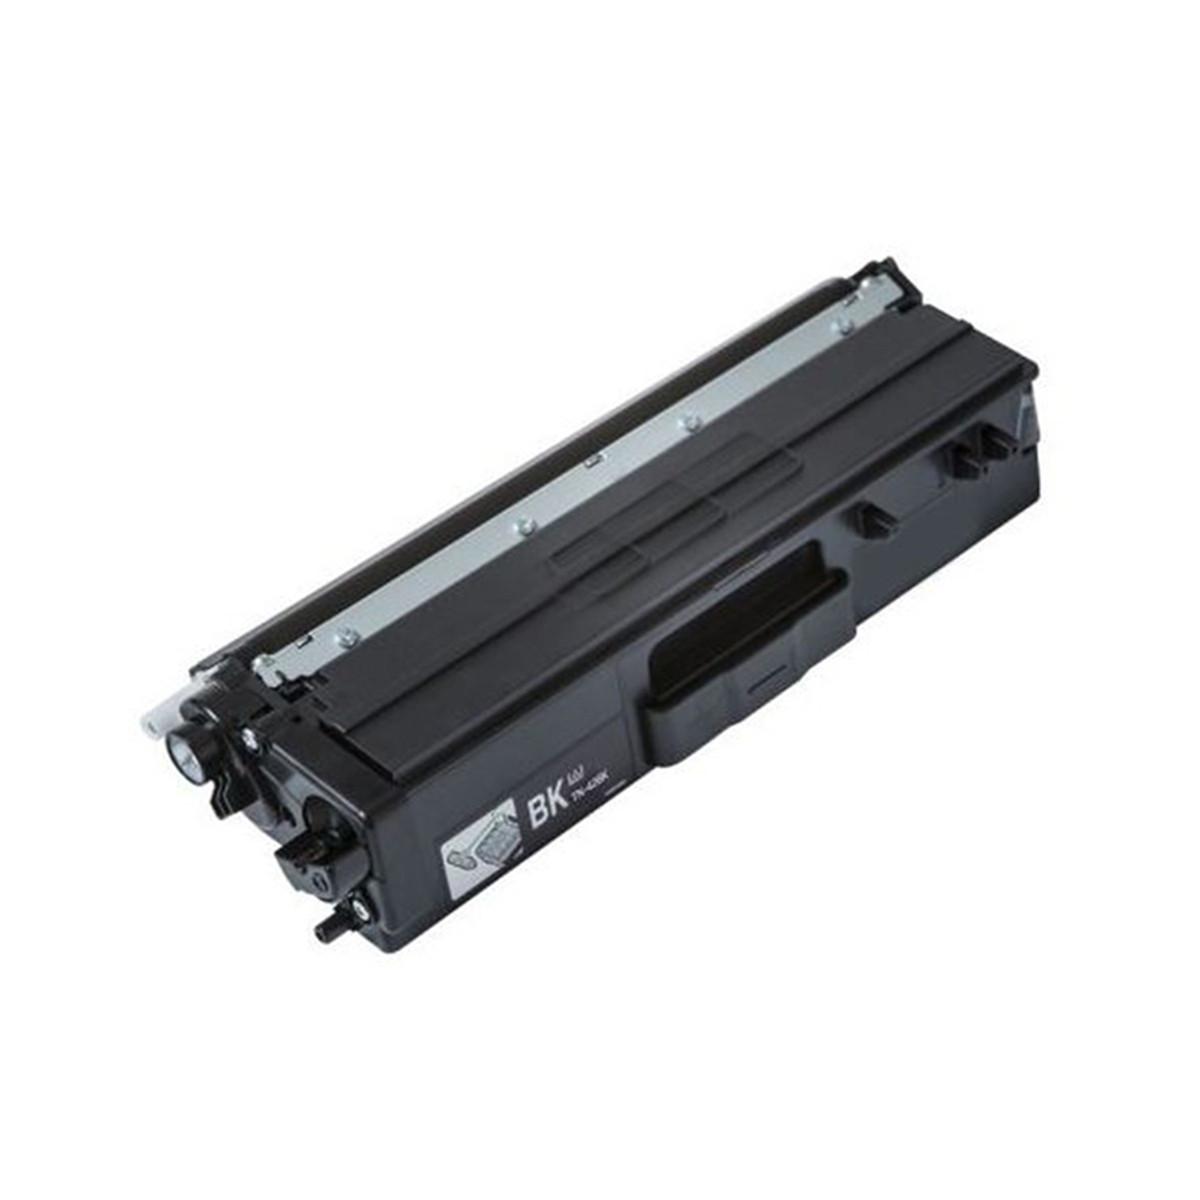 Toner Compatível com Brother TN416 TN421 TN423 TN426 Amarelo | HL-L8360 MFC-L8610 | Importado